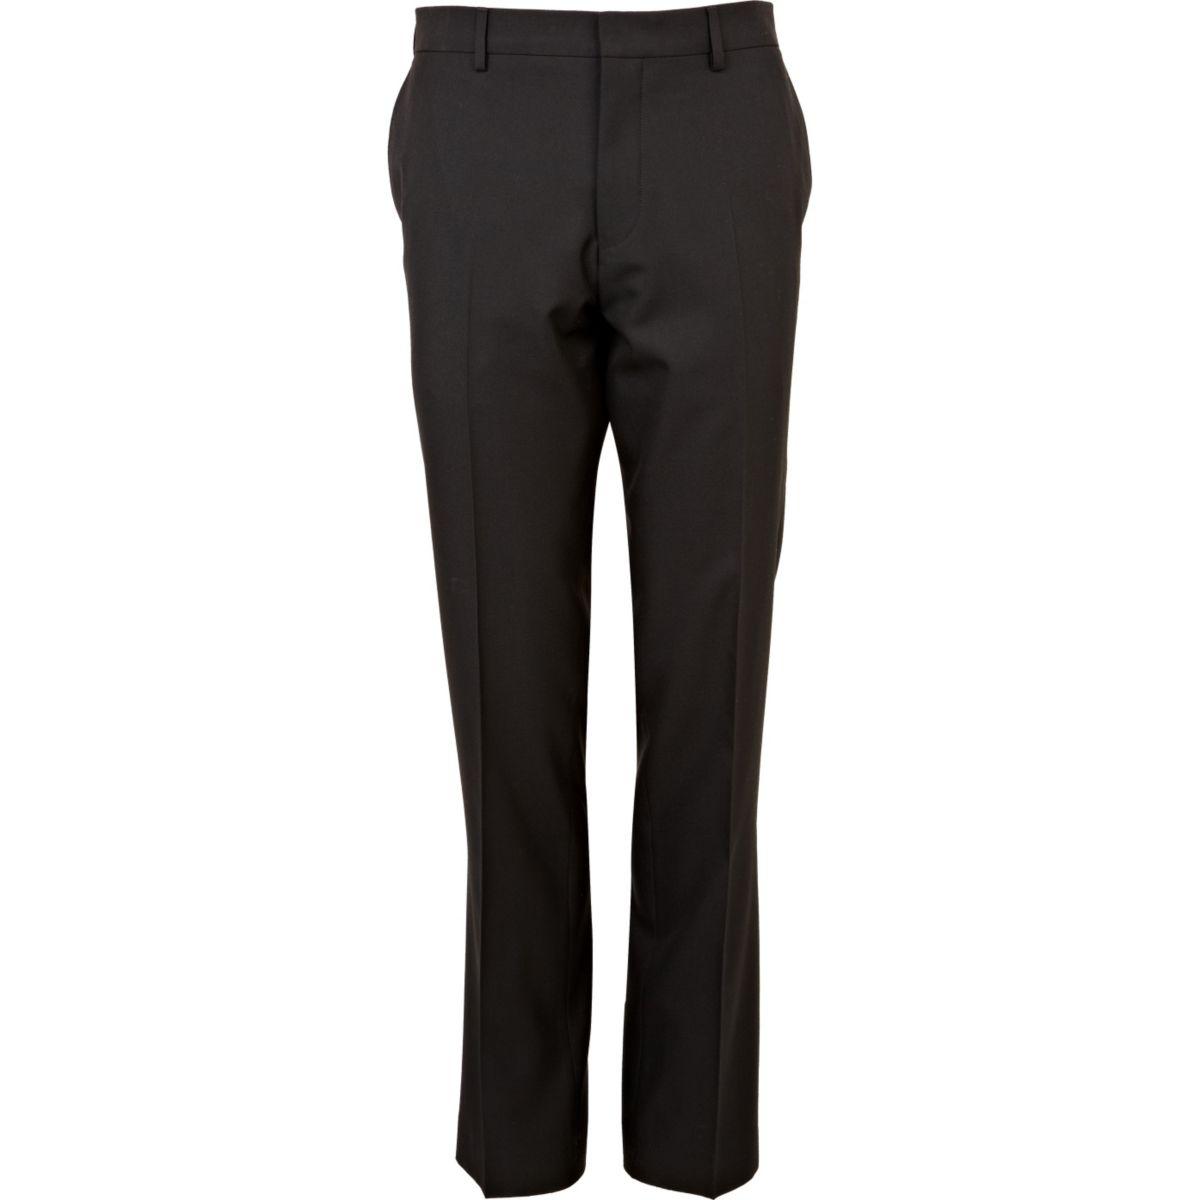 Pantalon de costume noir slim